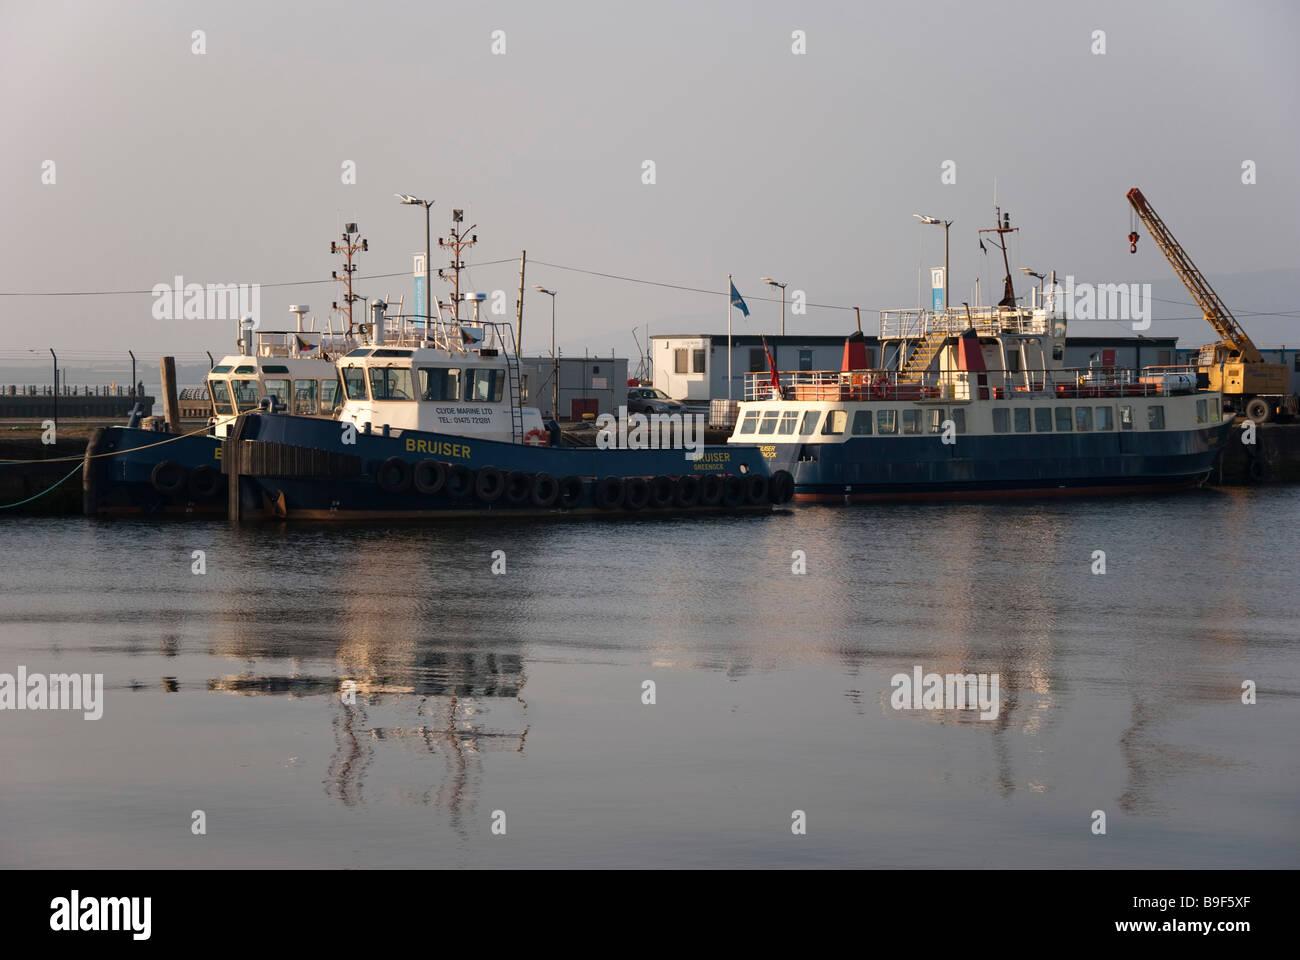 Merchant Vessels Bruiser Cruiser & Battler Greenock Stock Photo